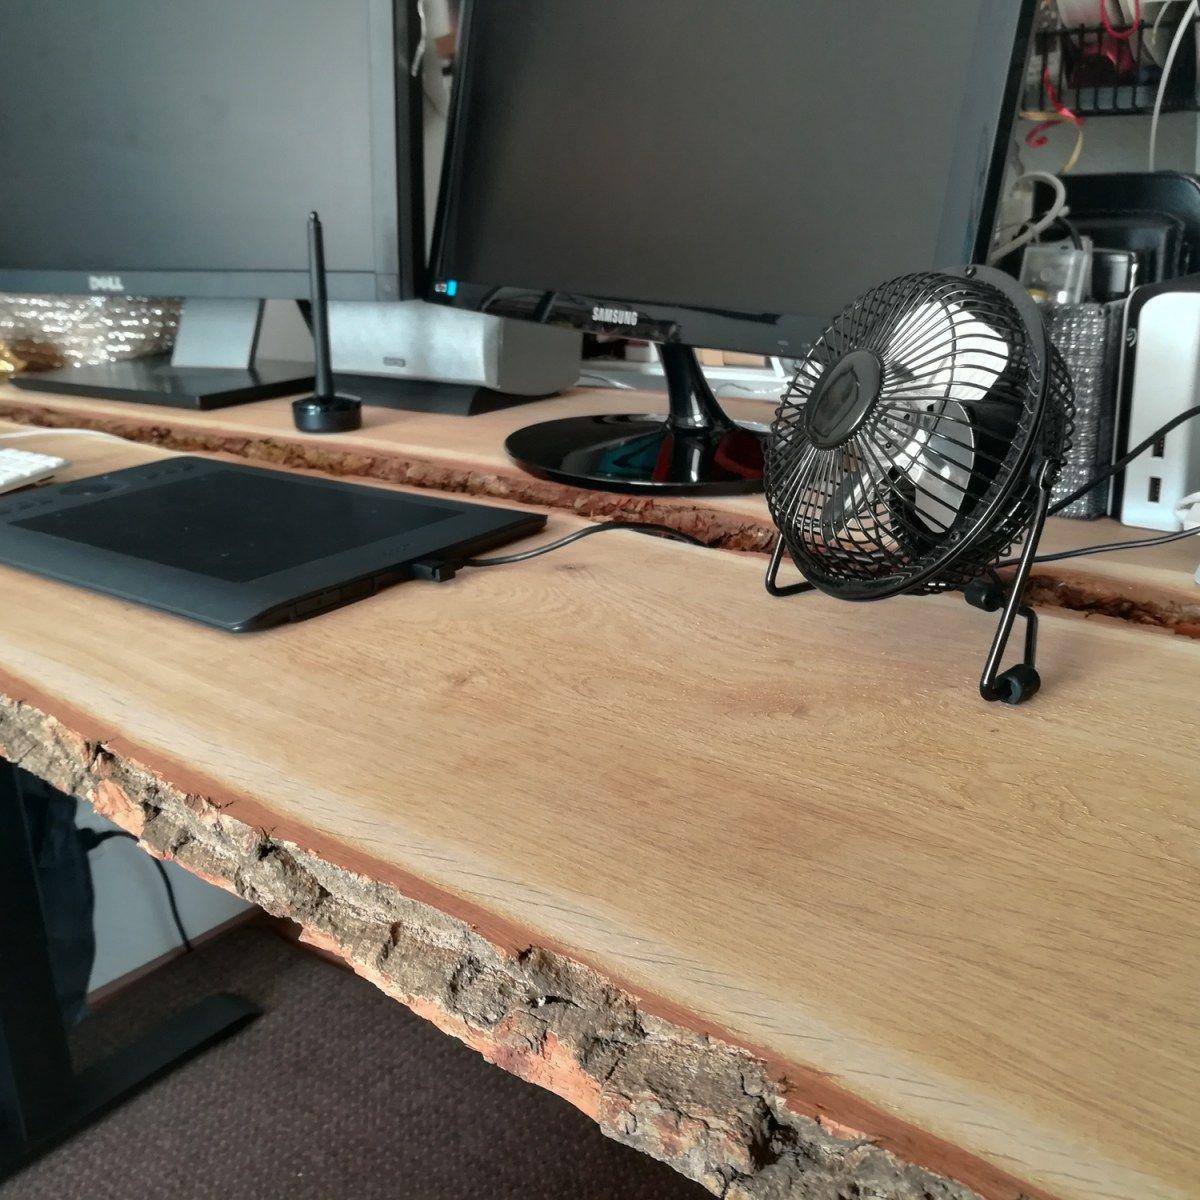 Diy Schreibtisch Aus Holzbohlen Selber Bauen Creative Material Schreibtisch Selber Bauen Ideen Schreibtisch Selber Bauen Wohnzimmertisch Selber Bauen